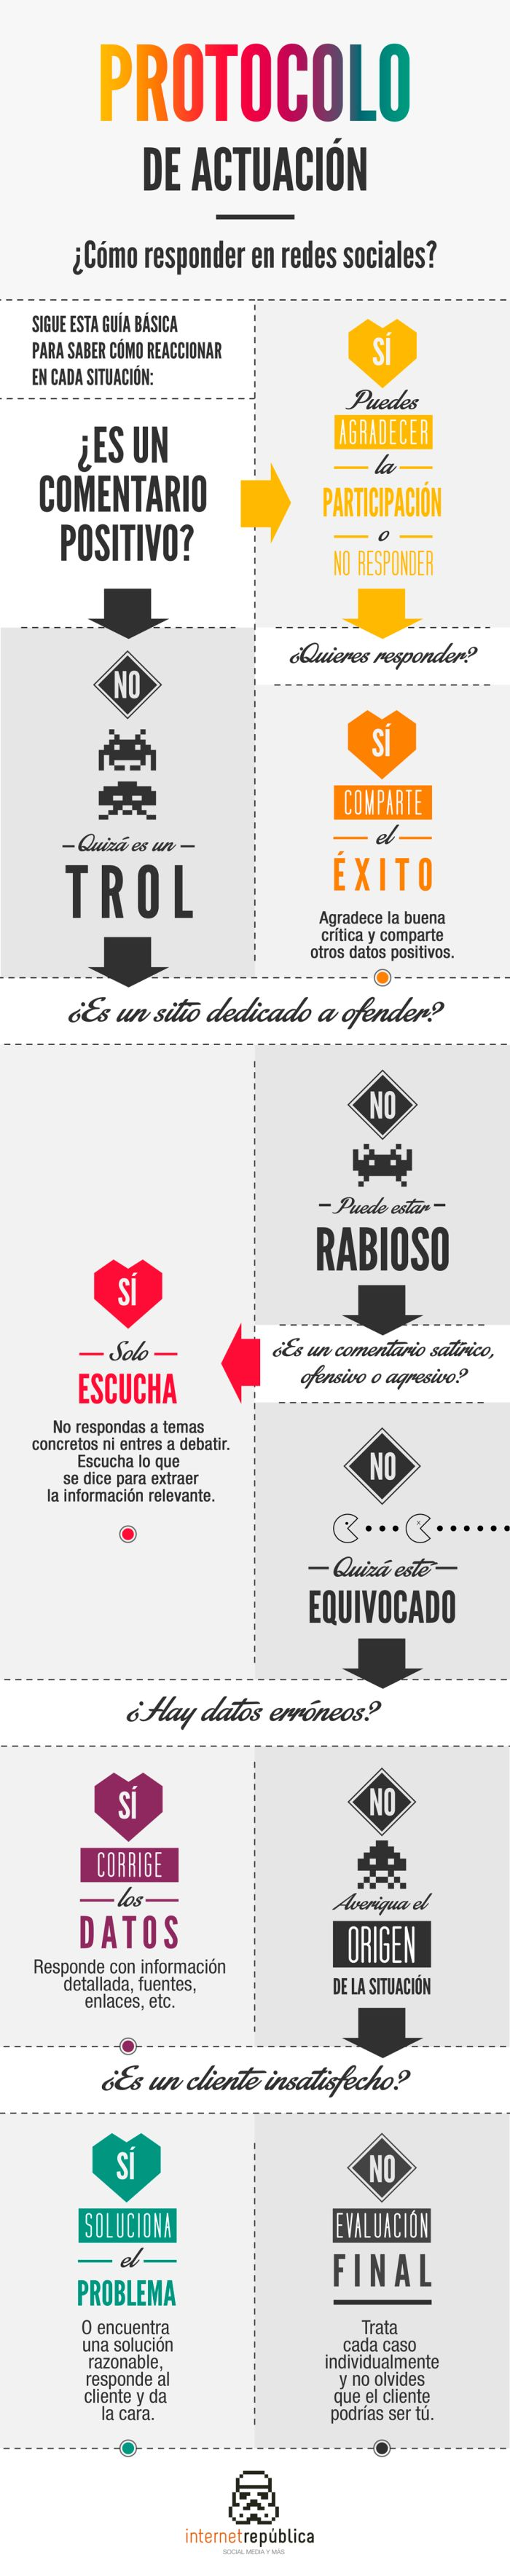 Protocolo de actuación del Community Manager. Infografía en español